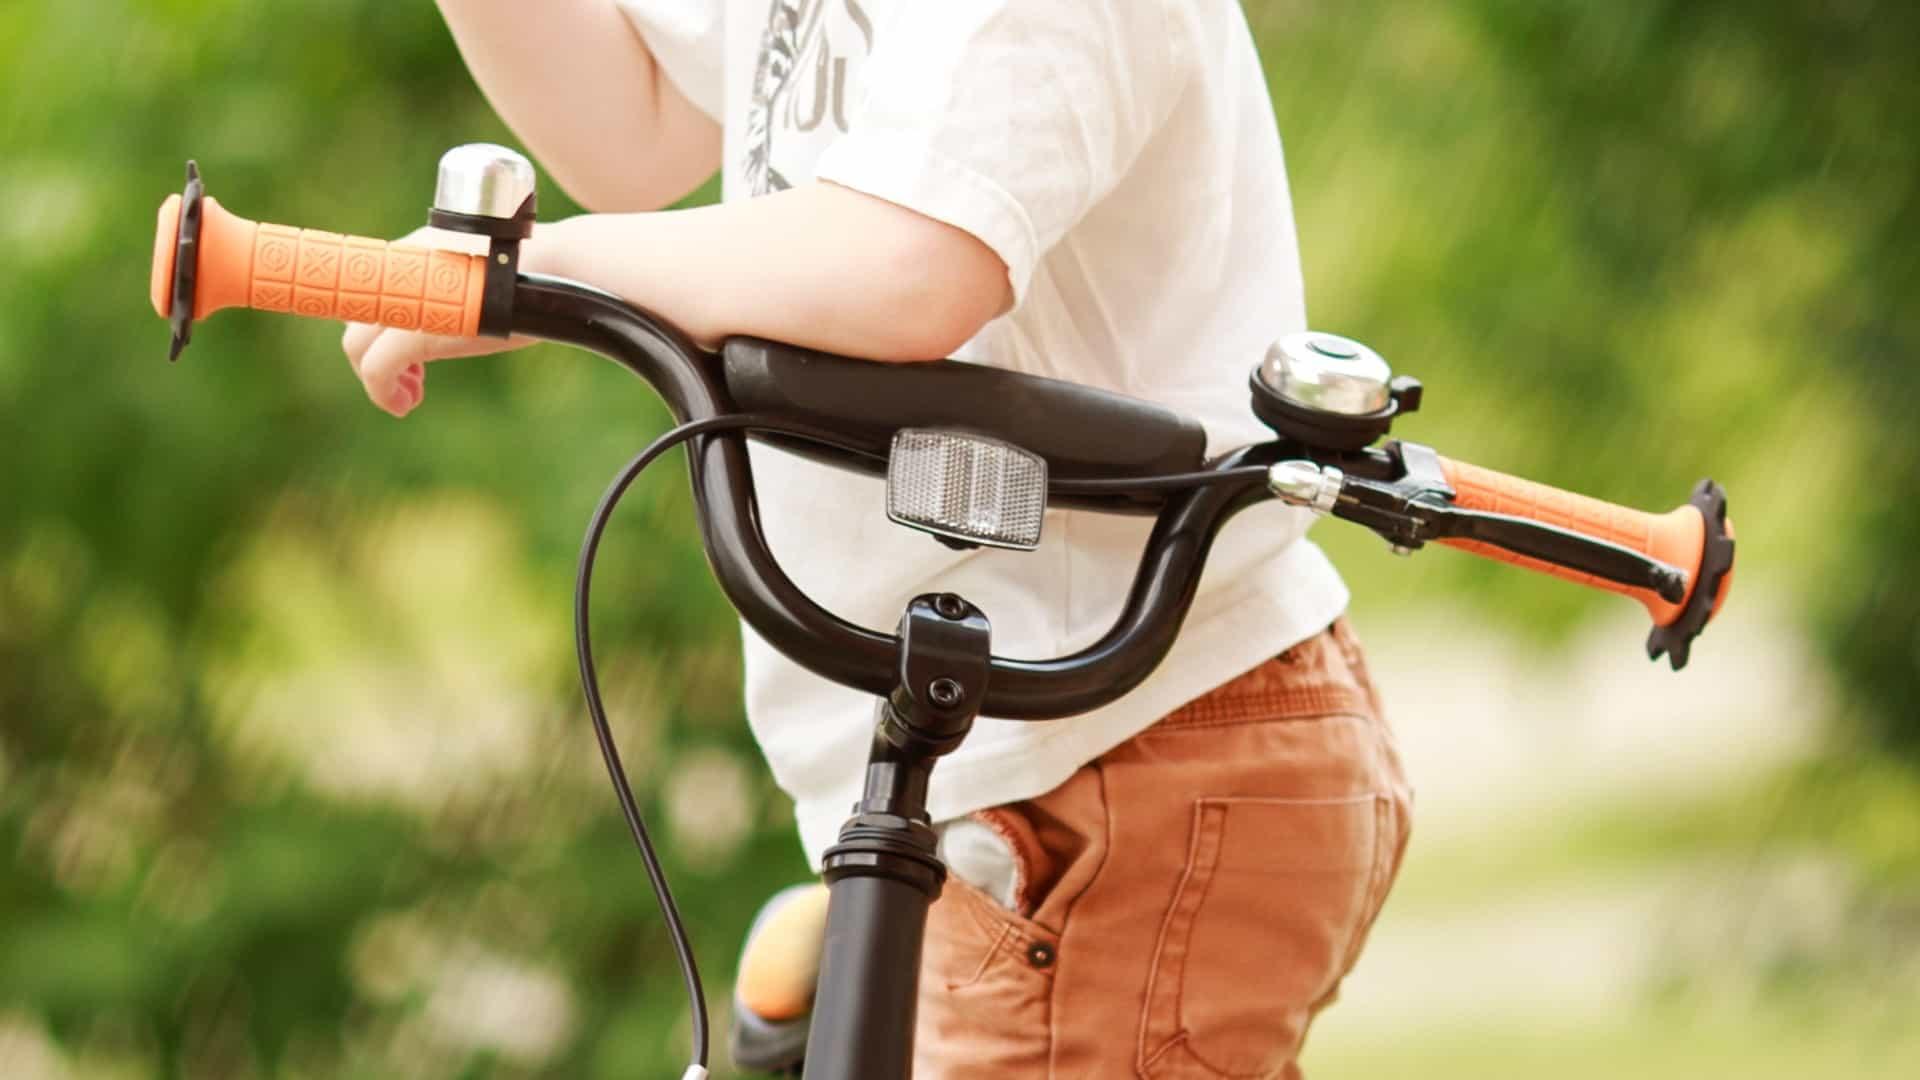 Bicicleta infantil: Qual é a melhor de 2020?